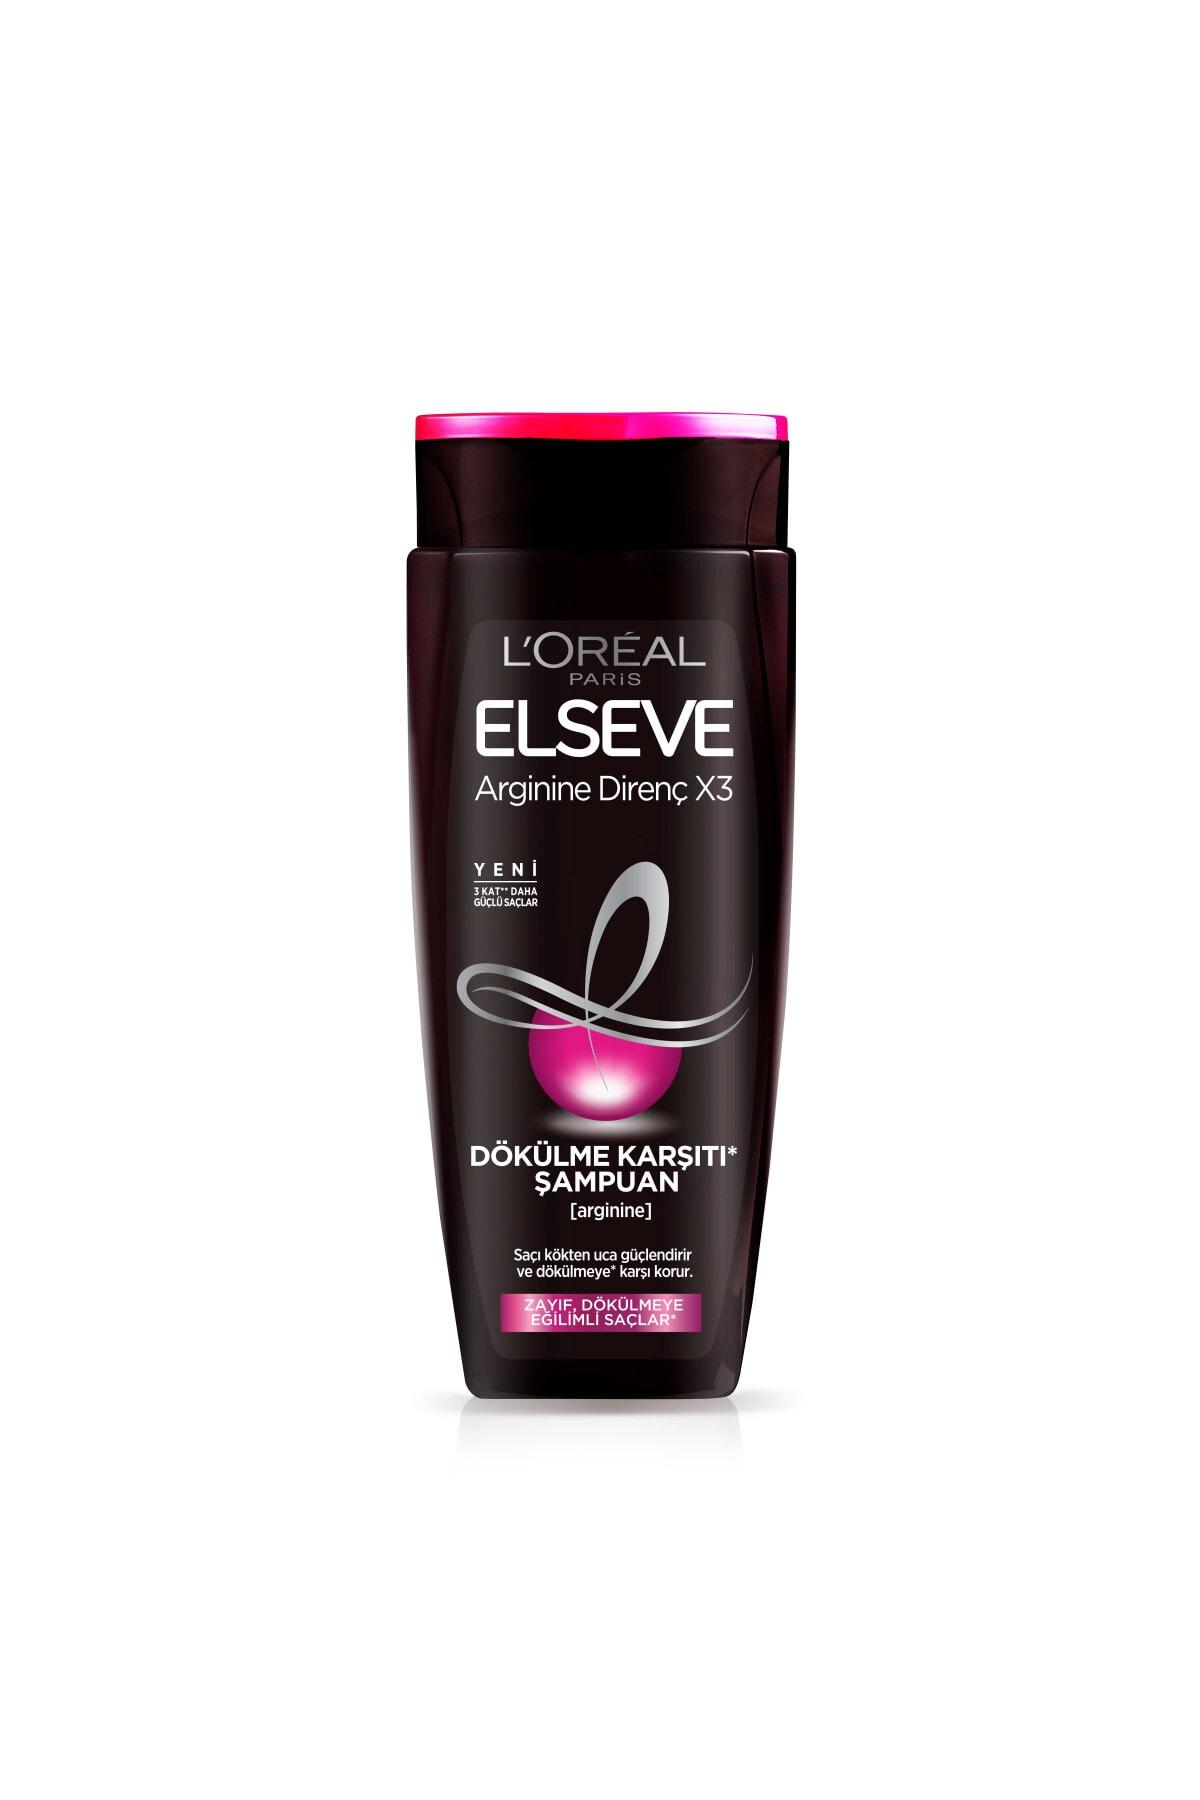 ELSEVE Arginine Direnç X3 Dökülme Karşıtı Şampuan 450 ml 2